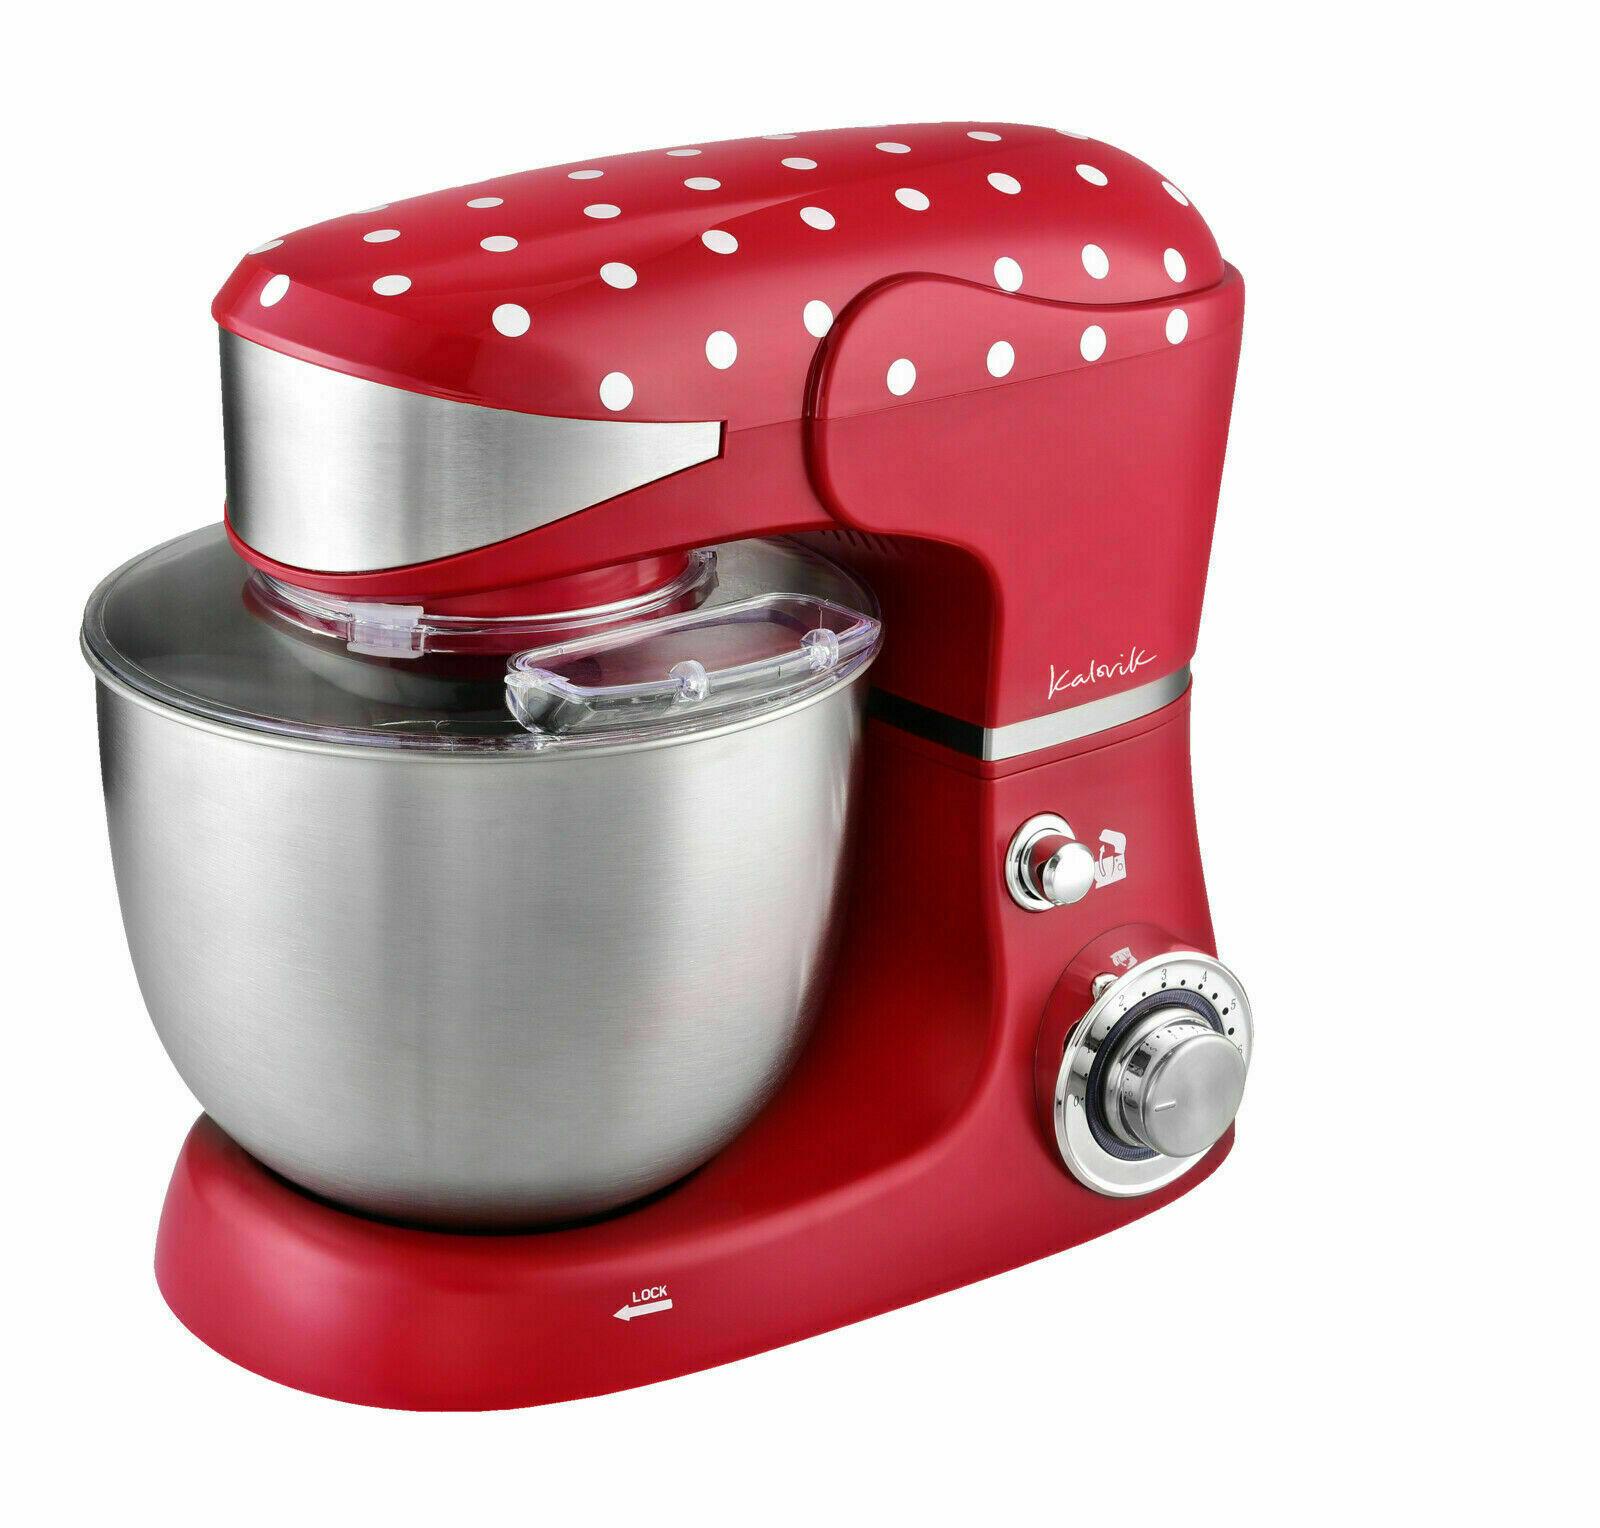 TEAM-KALORIK M 3014, Küchenmaschine, Rührschüssel-Kapazität: 5 Liter, 1000 Watt